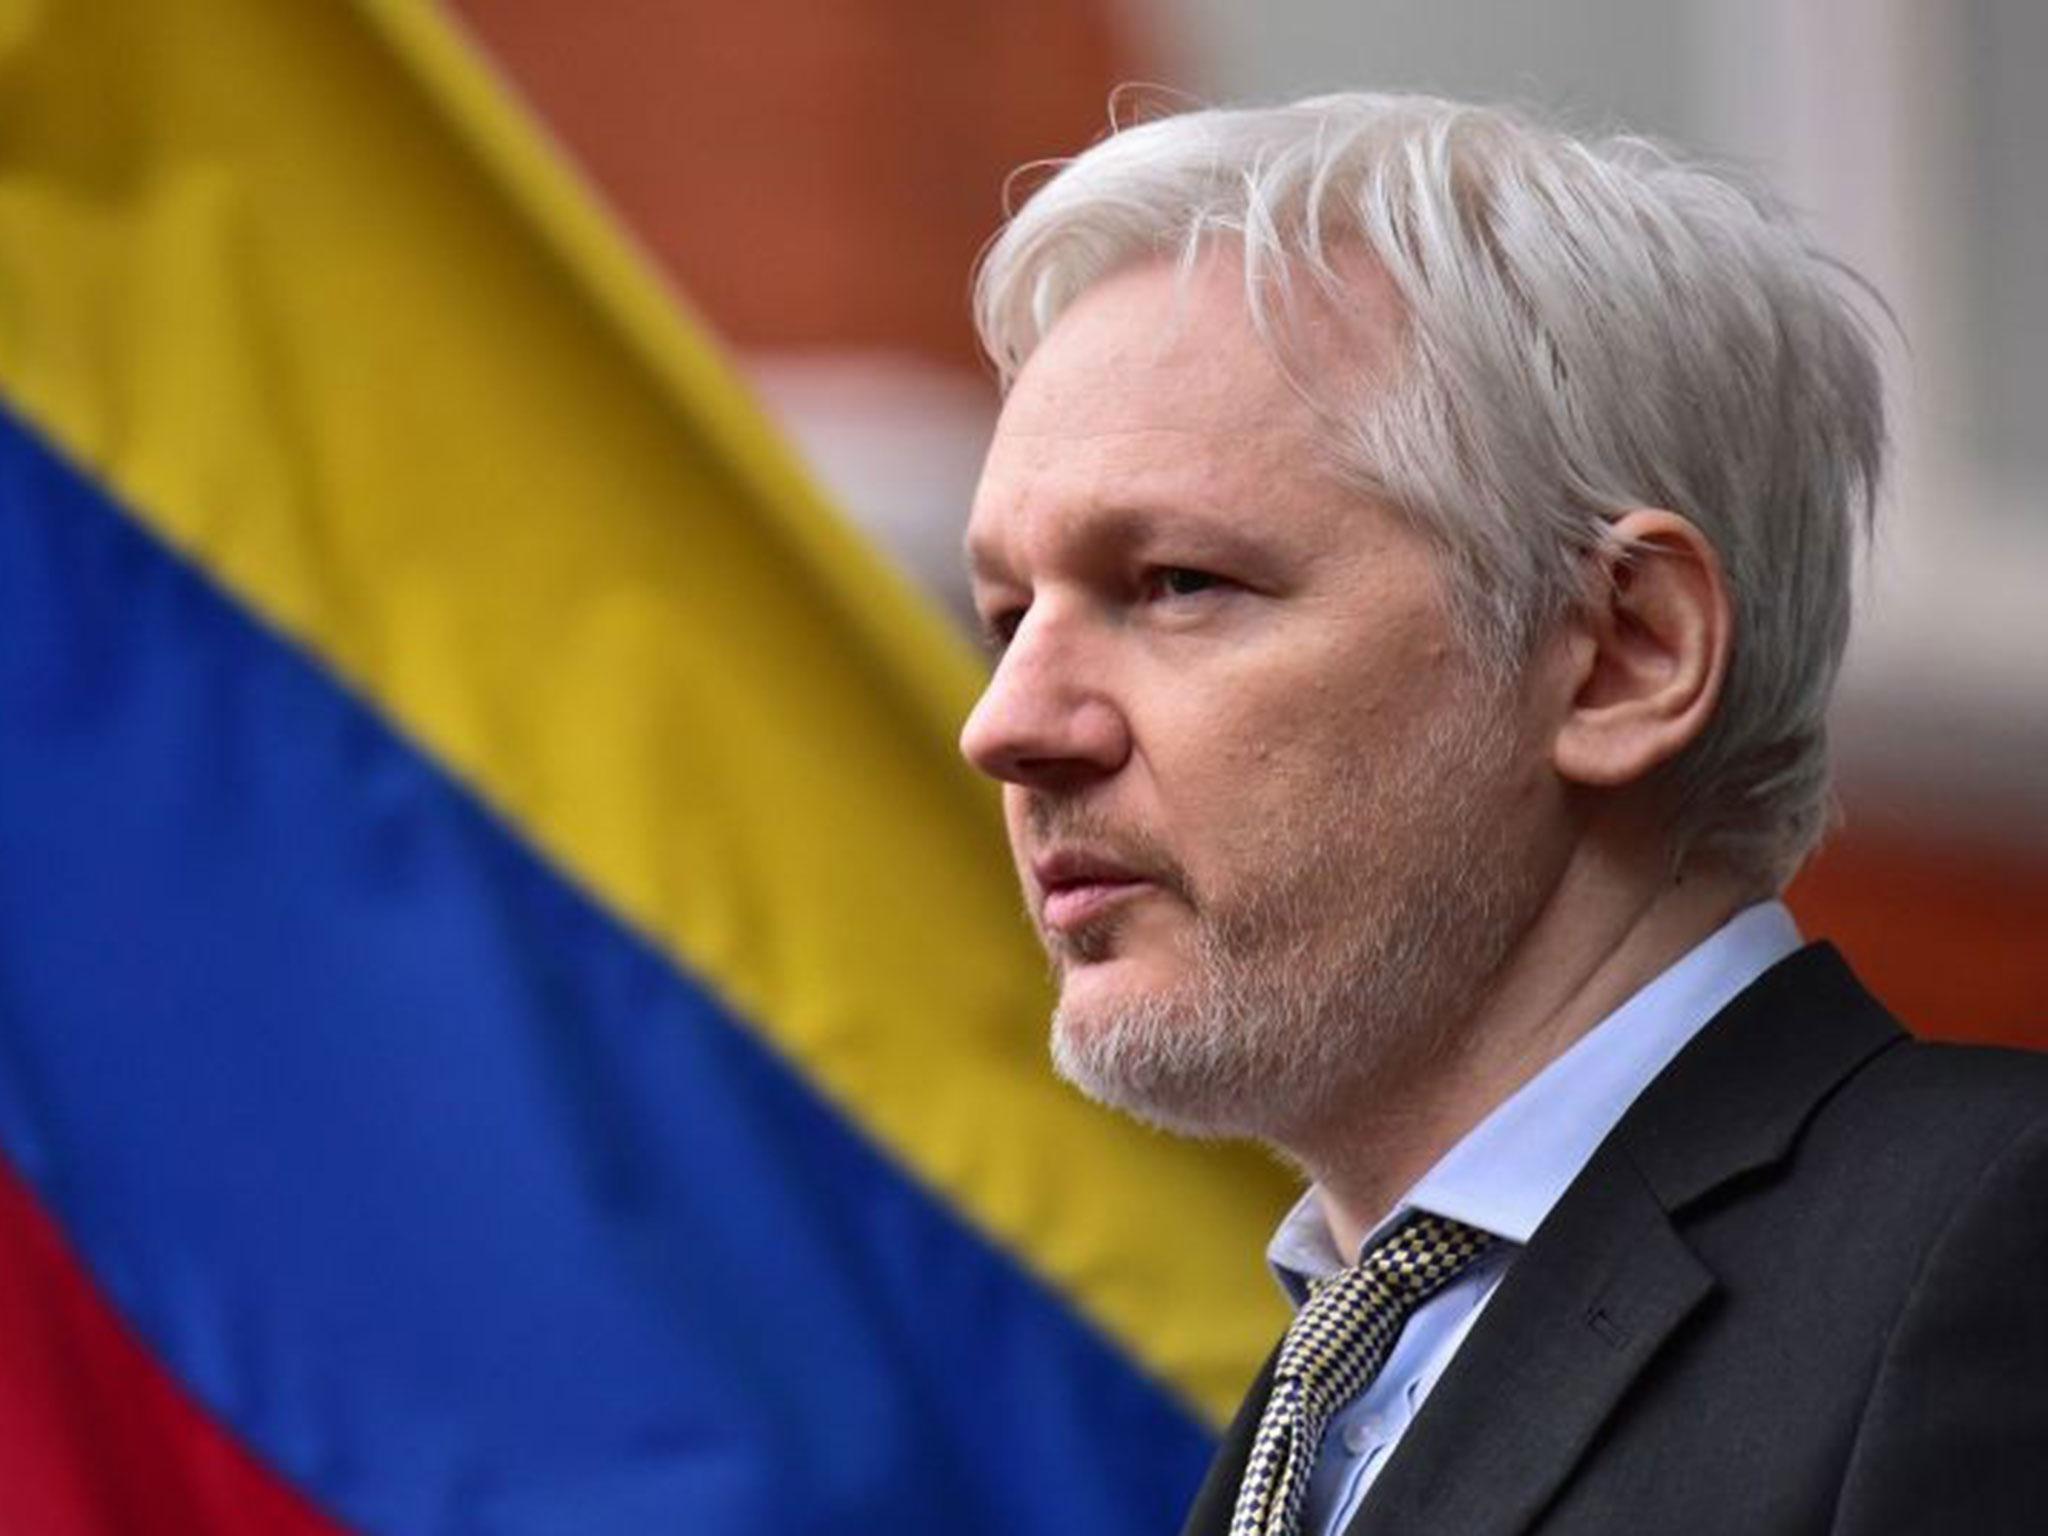 Julian Assange, arriva archiviazione dell'accusa di stupro